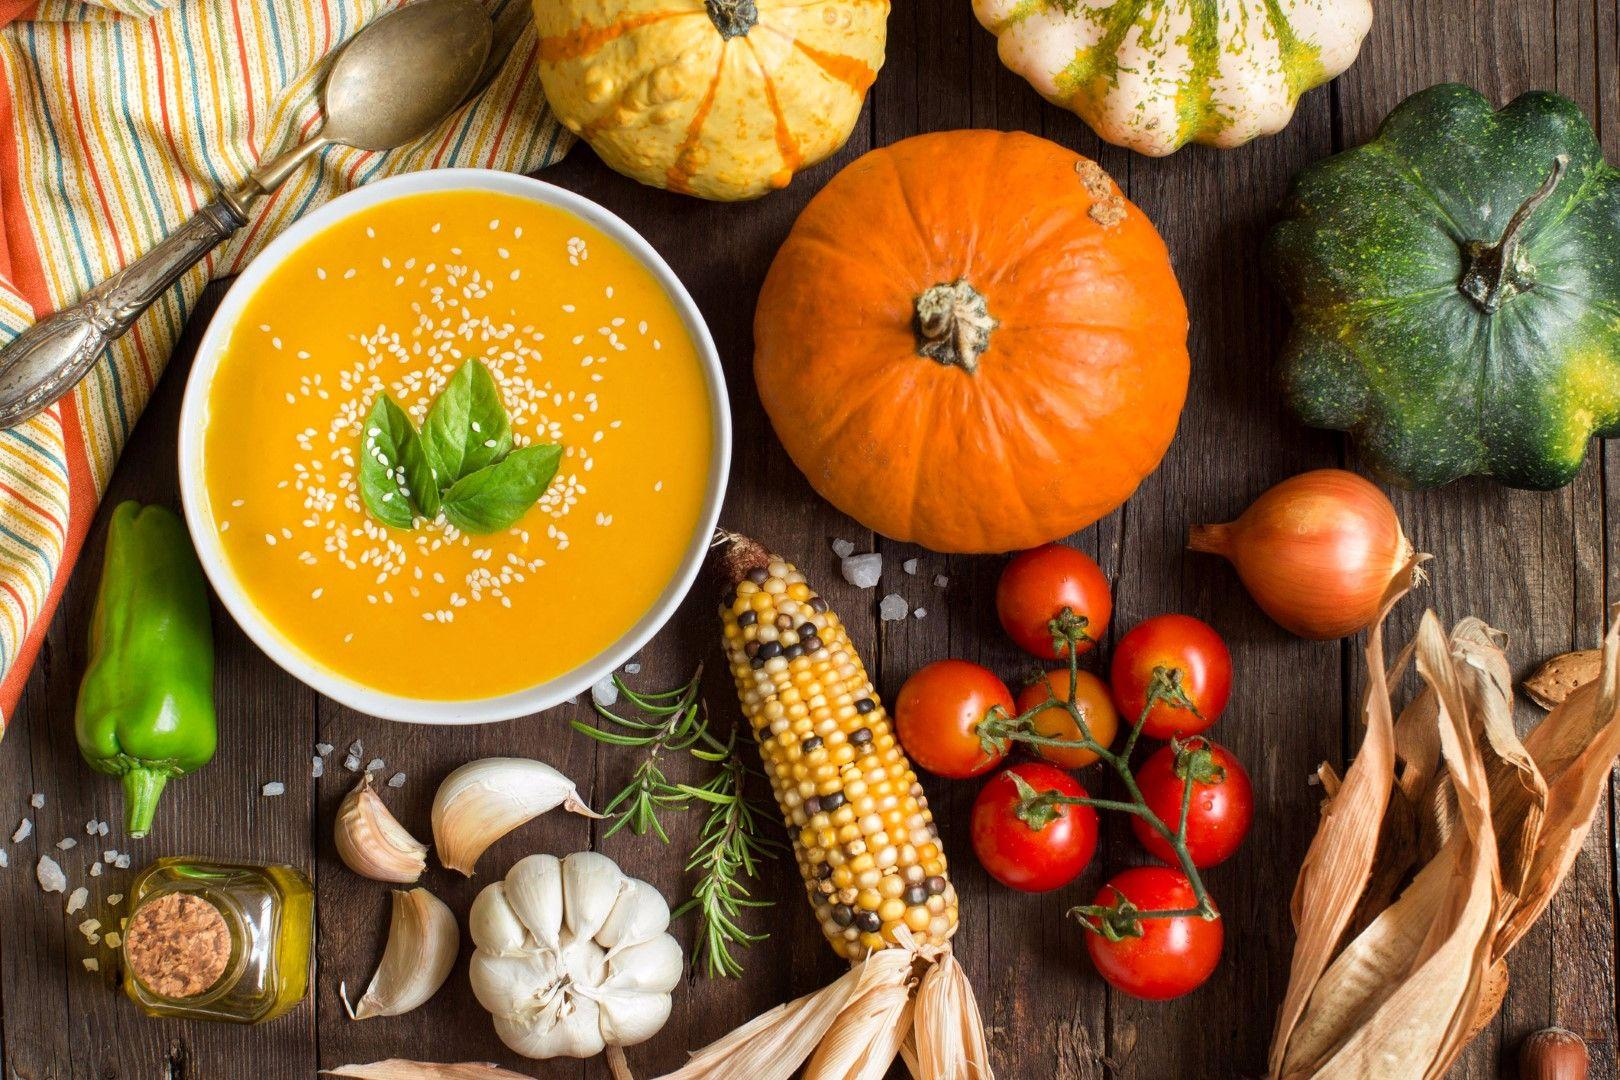 Pranzo Di Compleanno Autunnale : Frutta e verdura di stagione ecco come difendersi in autunno